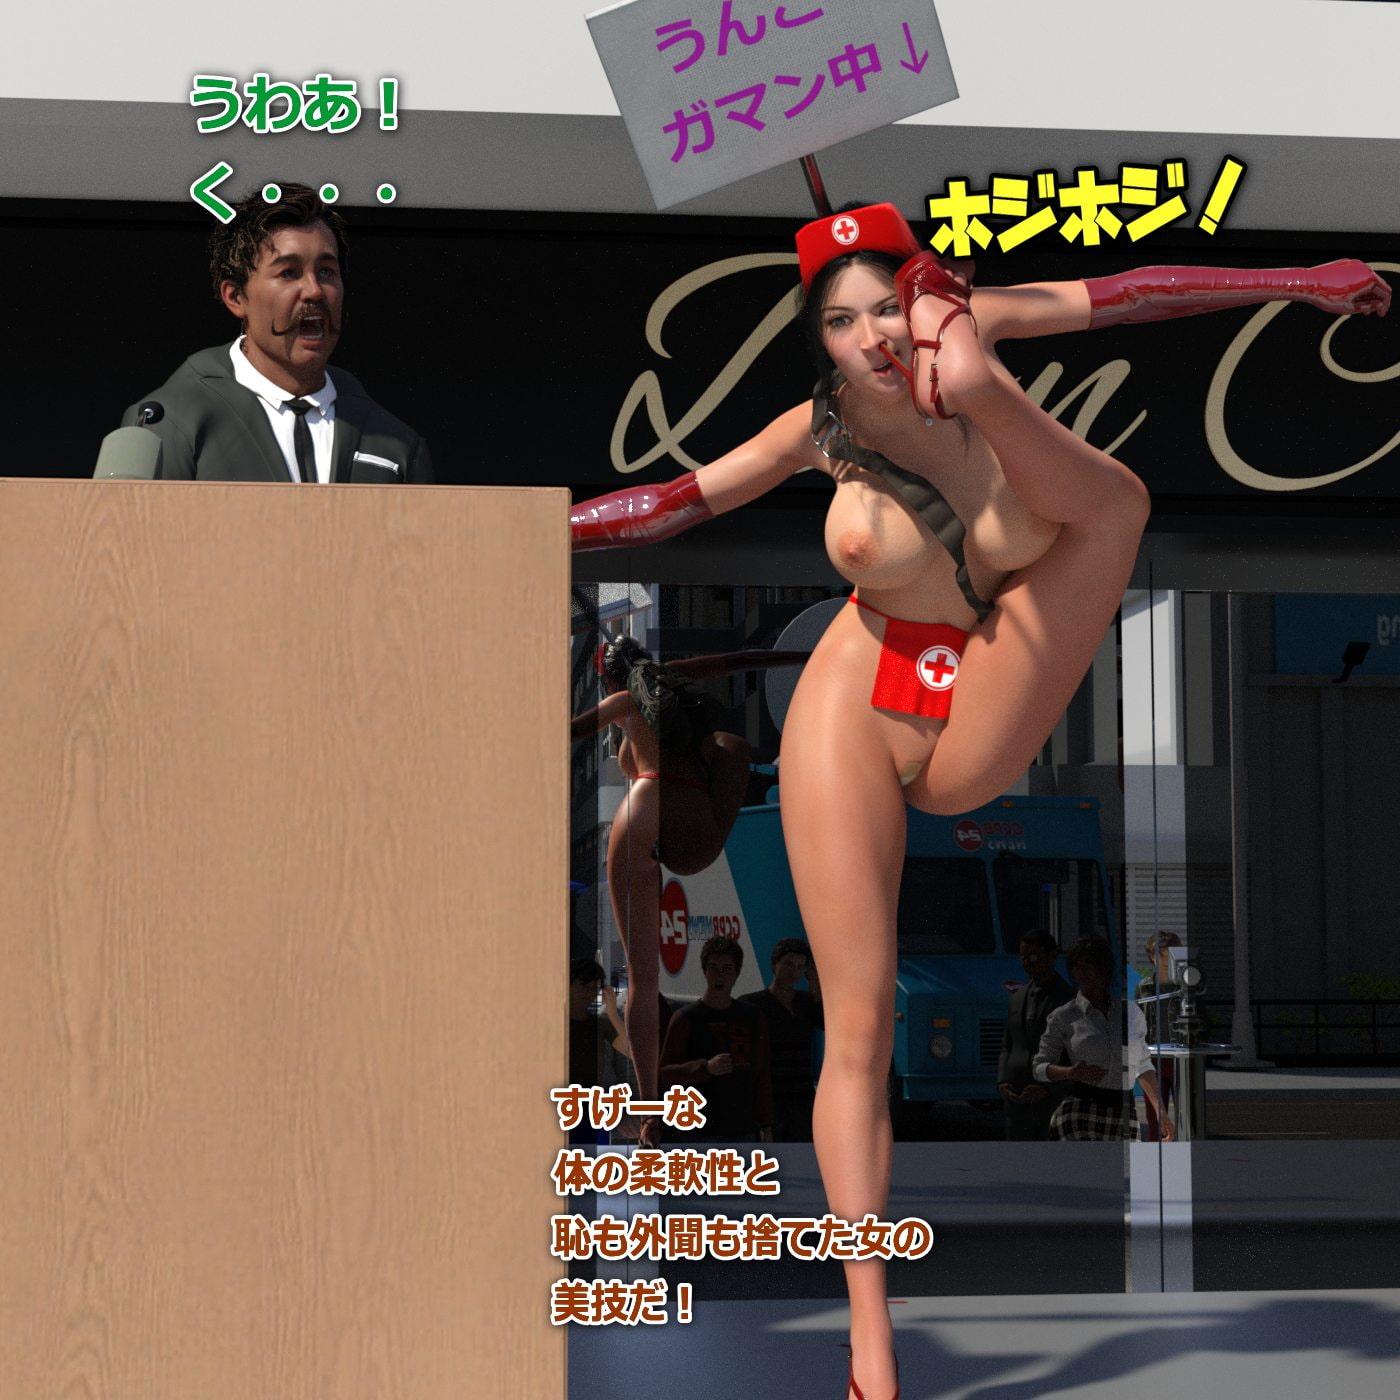 あきほのスカトロ羞恥 巨乳美女・脱糞ムーンサルト